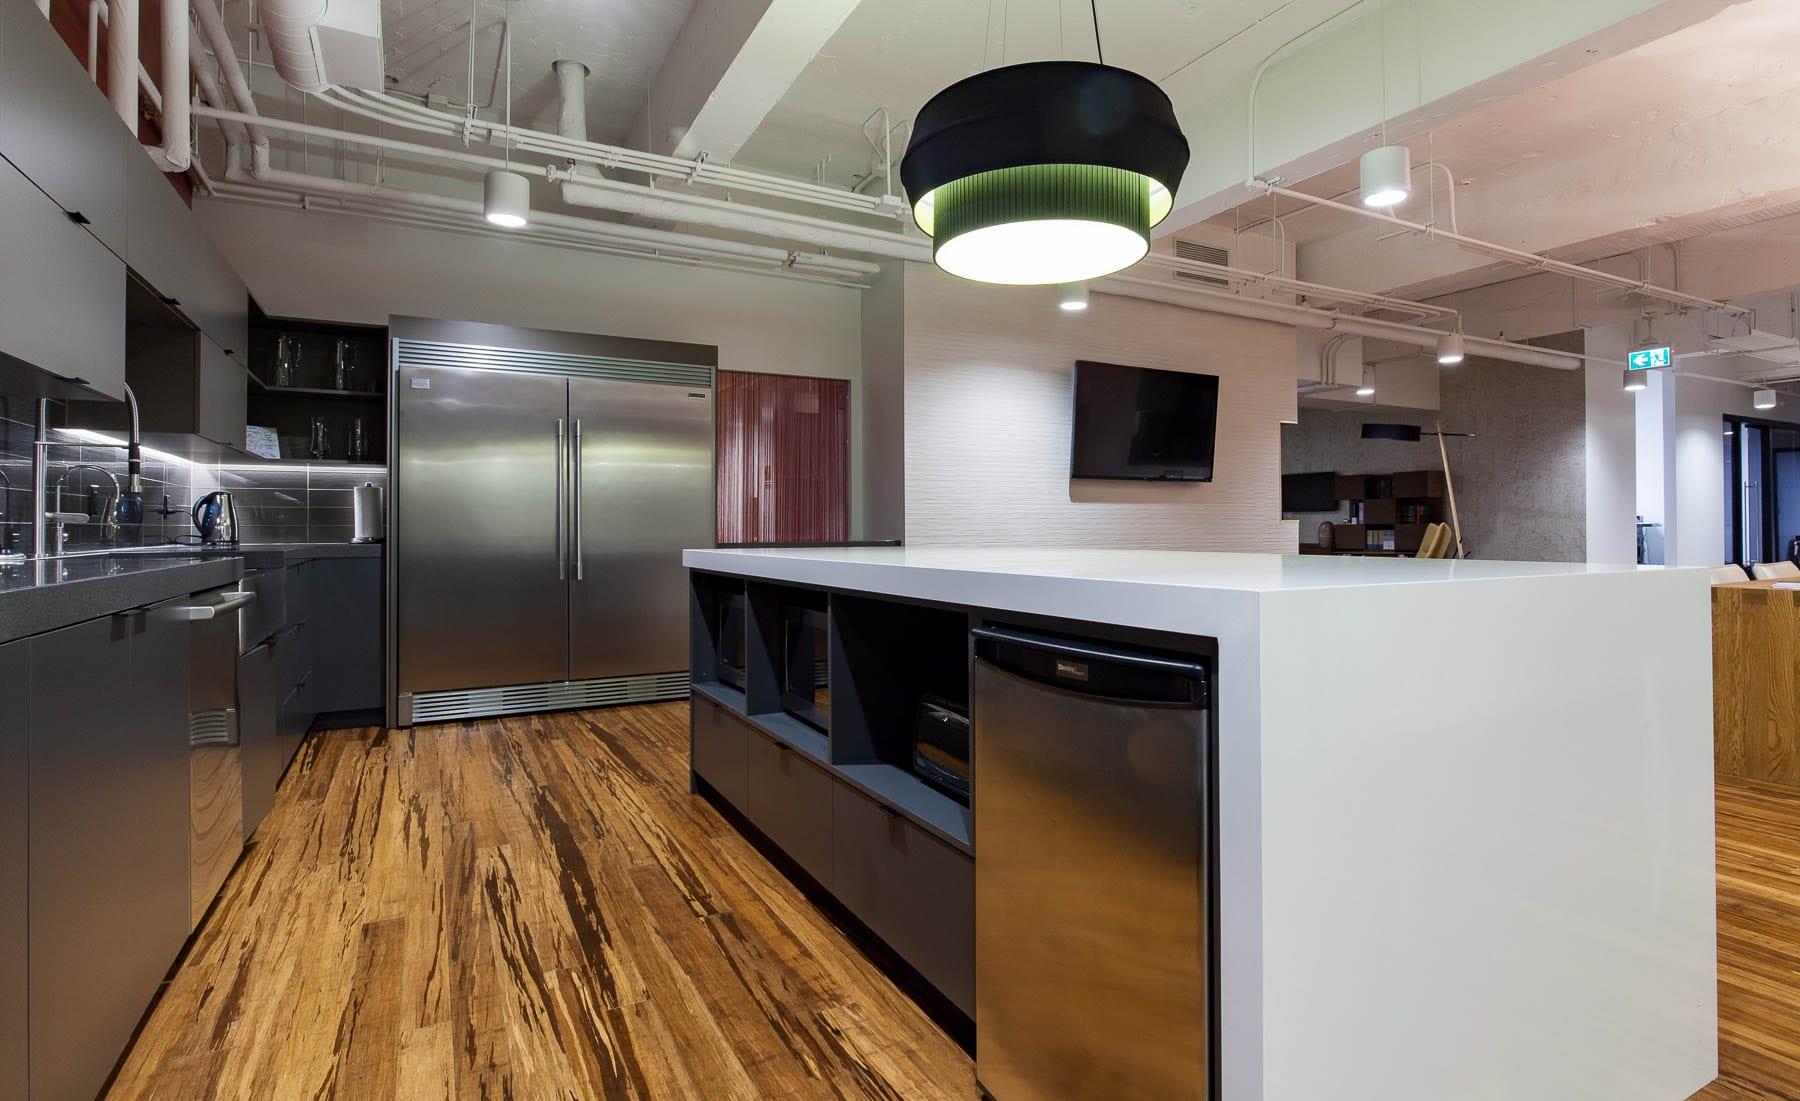 MIABC office's interior improvements - kitchen